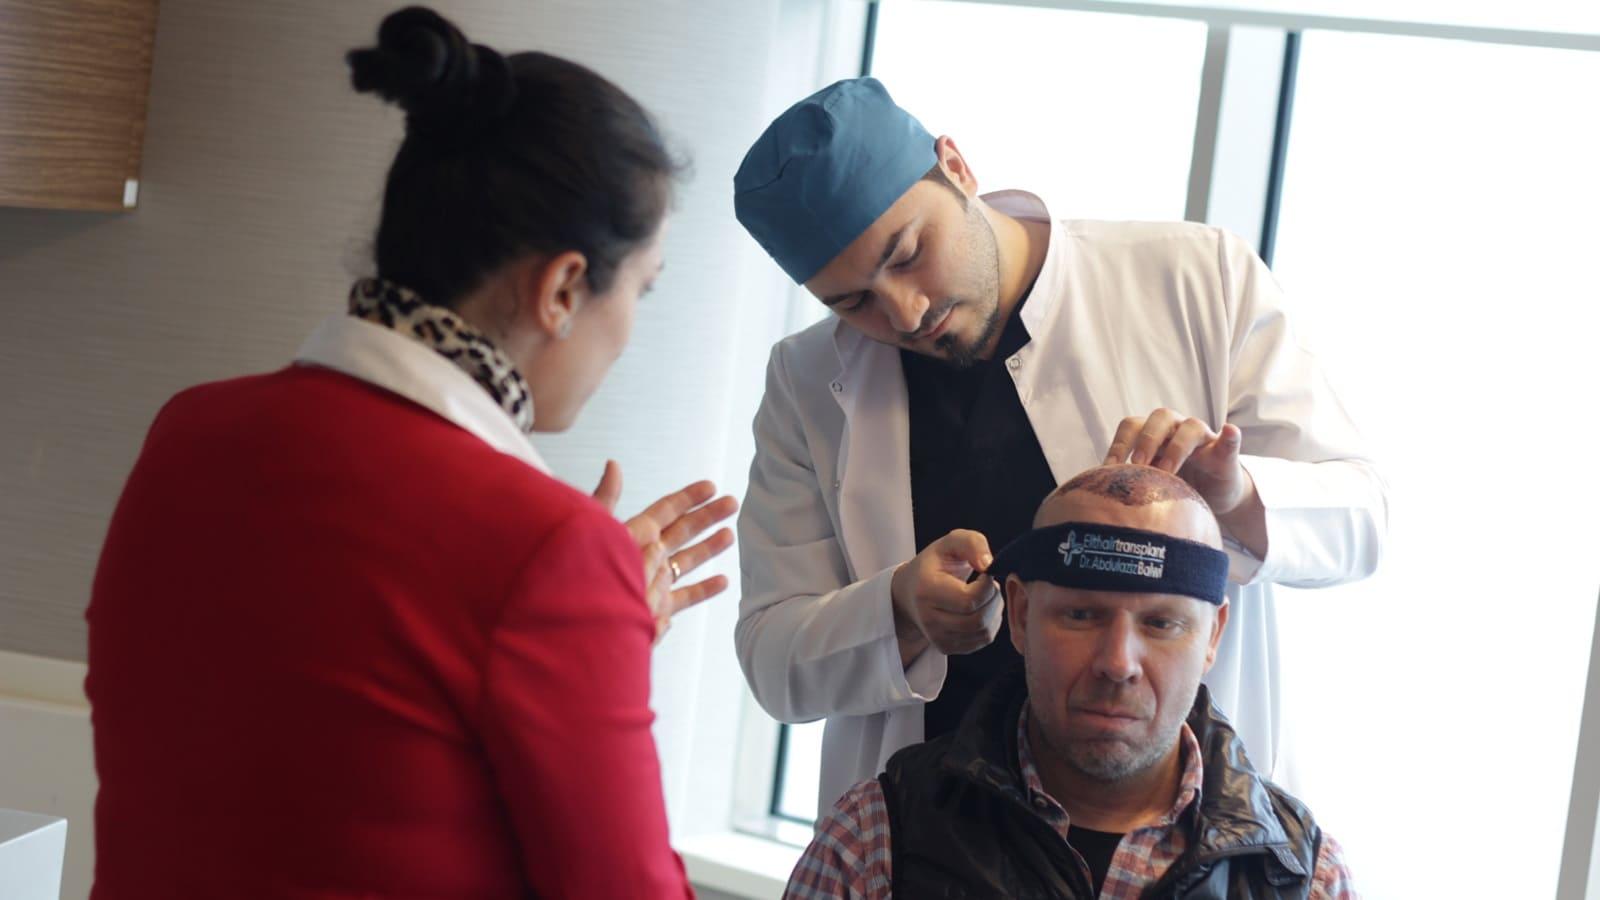 Haartransplantation mit einem Roboter bessere Ergebnisse